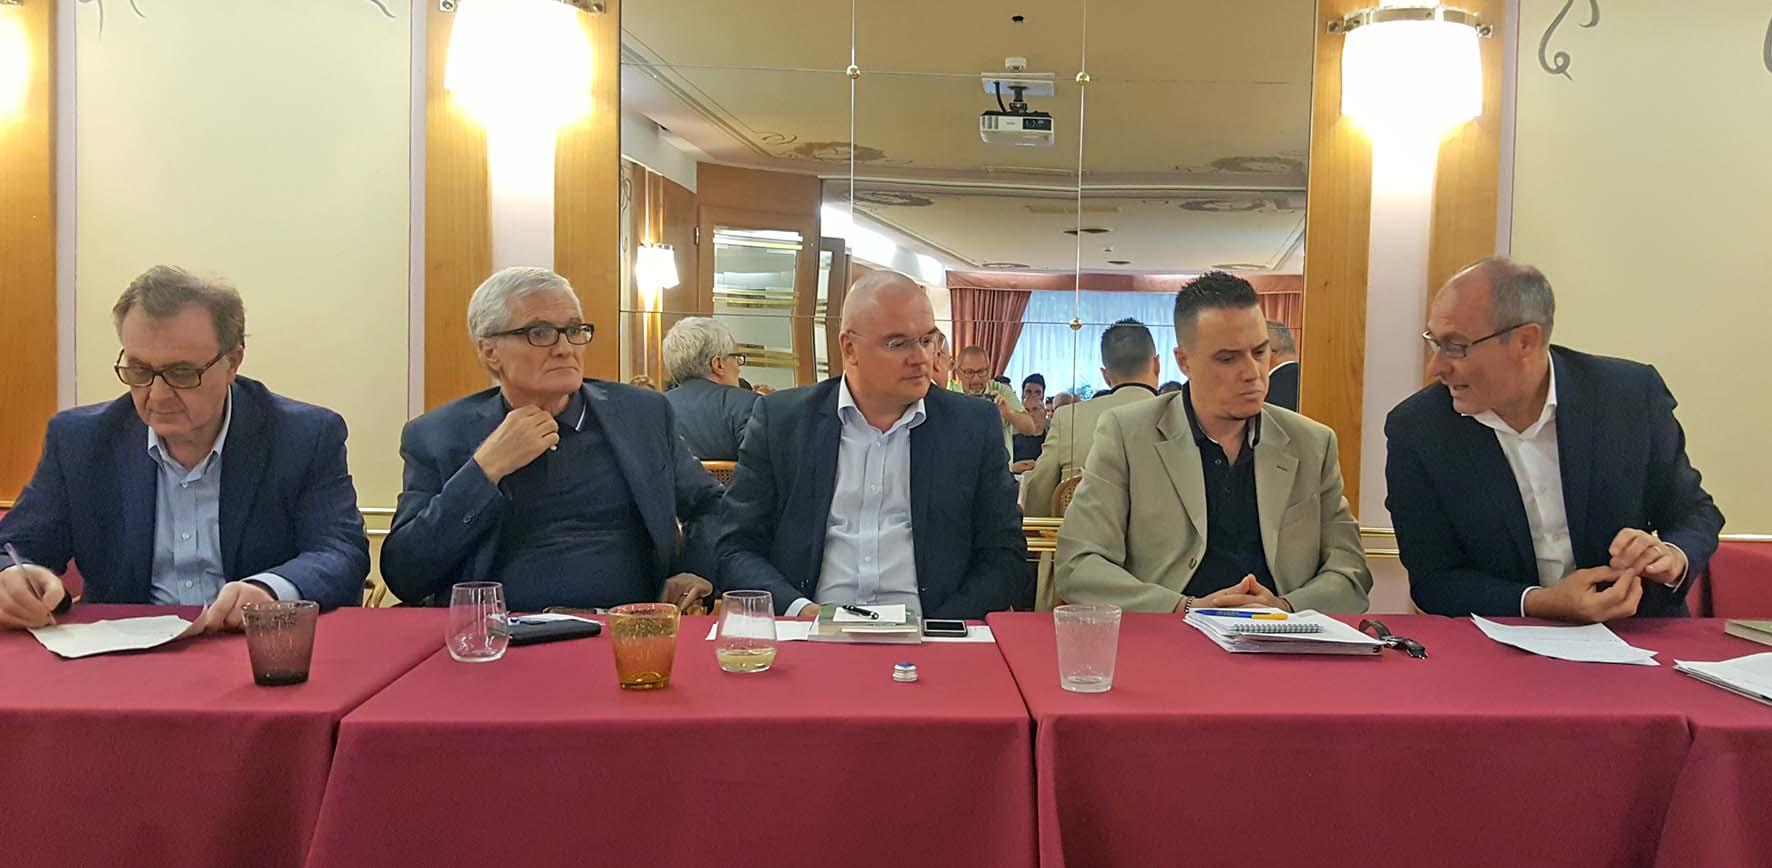 da sx Mauro Gilmozzi Michele Nicoletti Enrico Borghi Simone Casalini e Ugo Rossi durante la presentazione di Piccole Italie